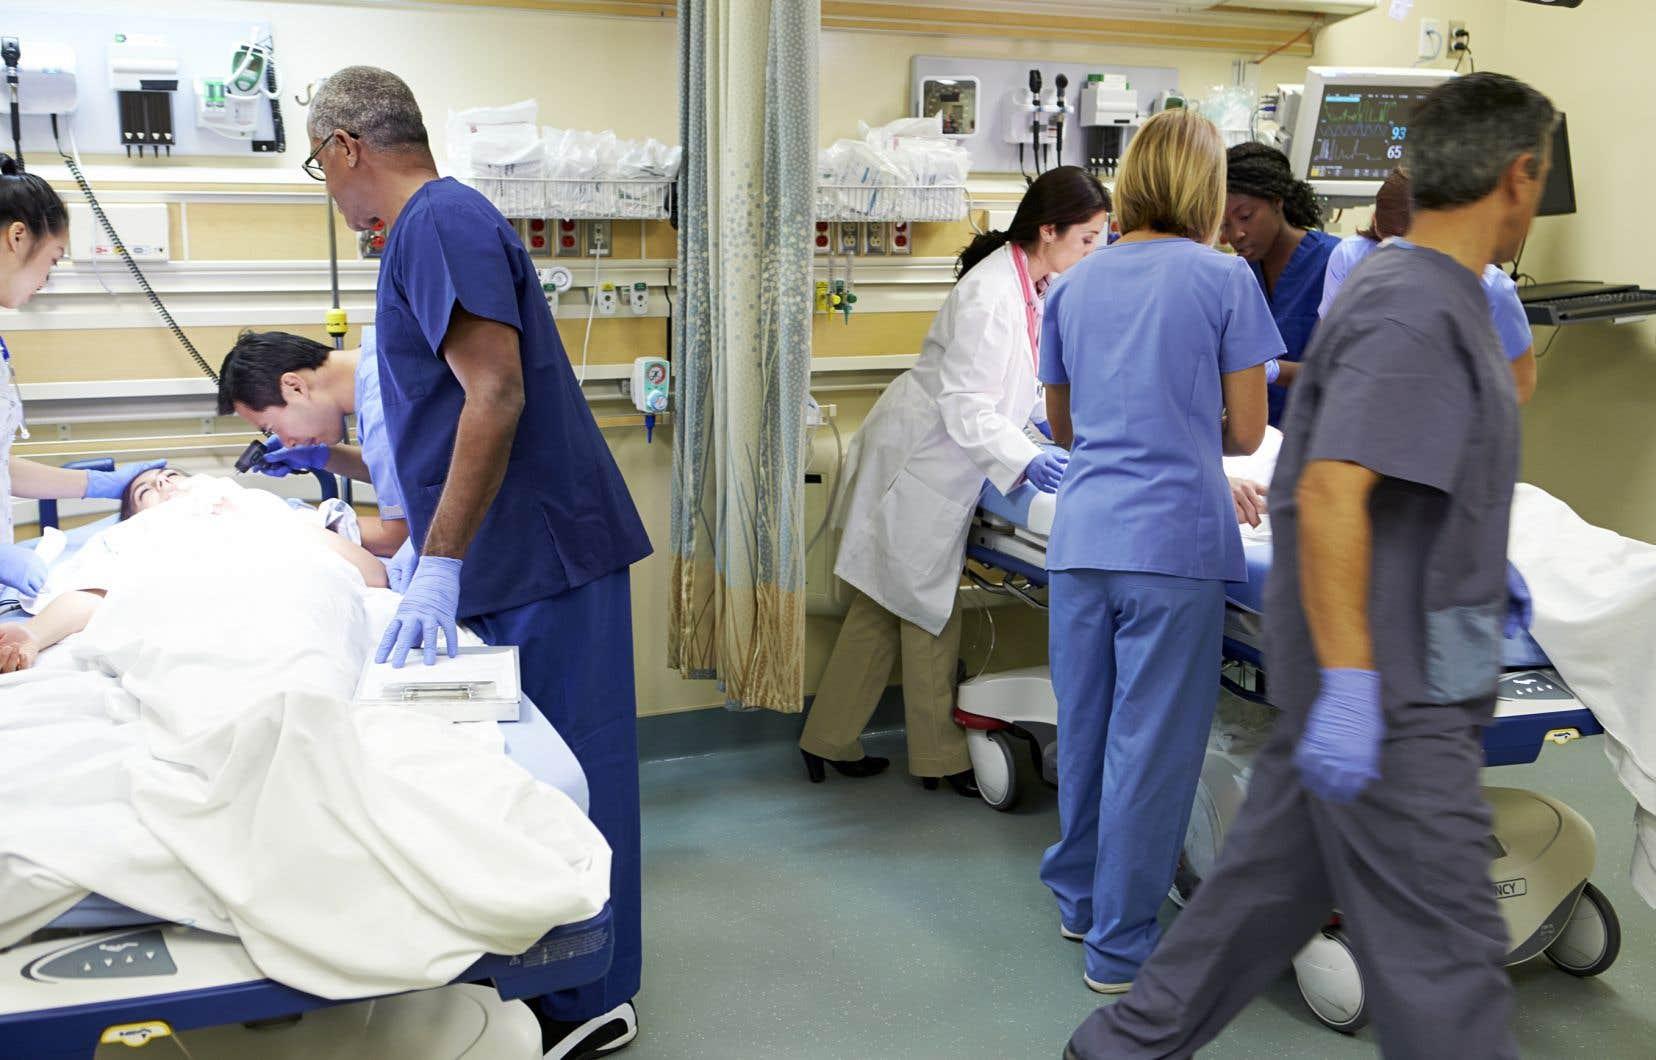 Des médecins affectés aux urgences avaient dénoncé un laxisme des mesures de protection disponibles pour le personnel médical et infirmier.